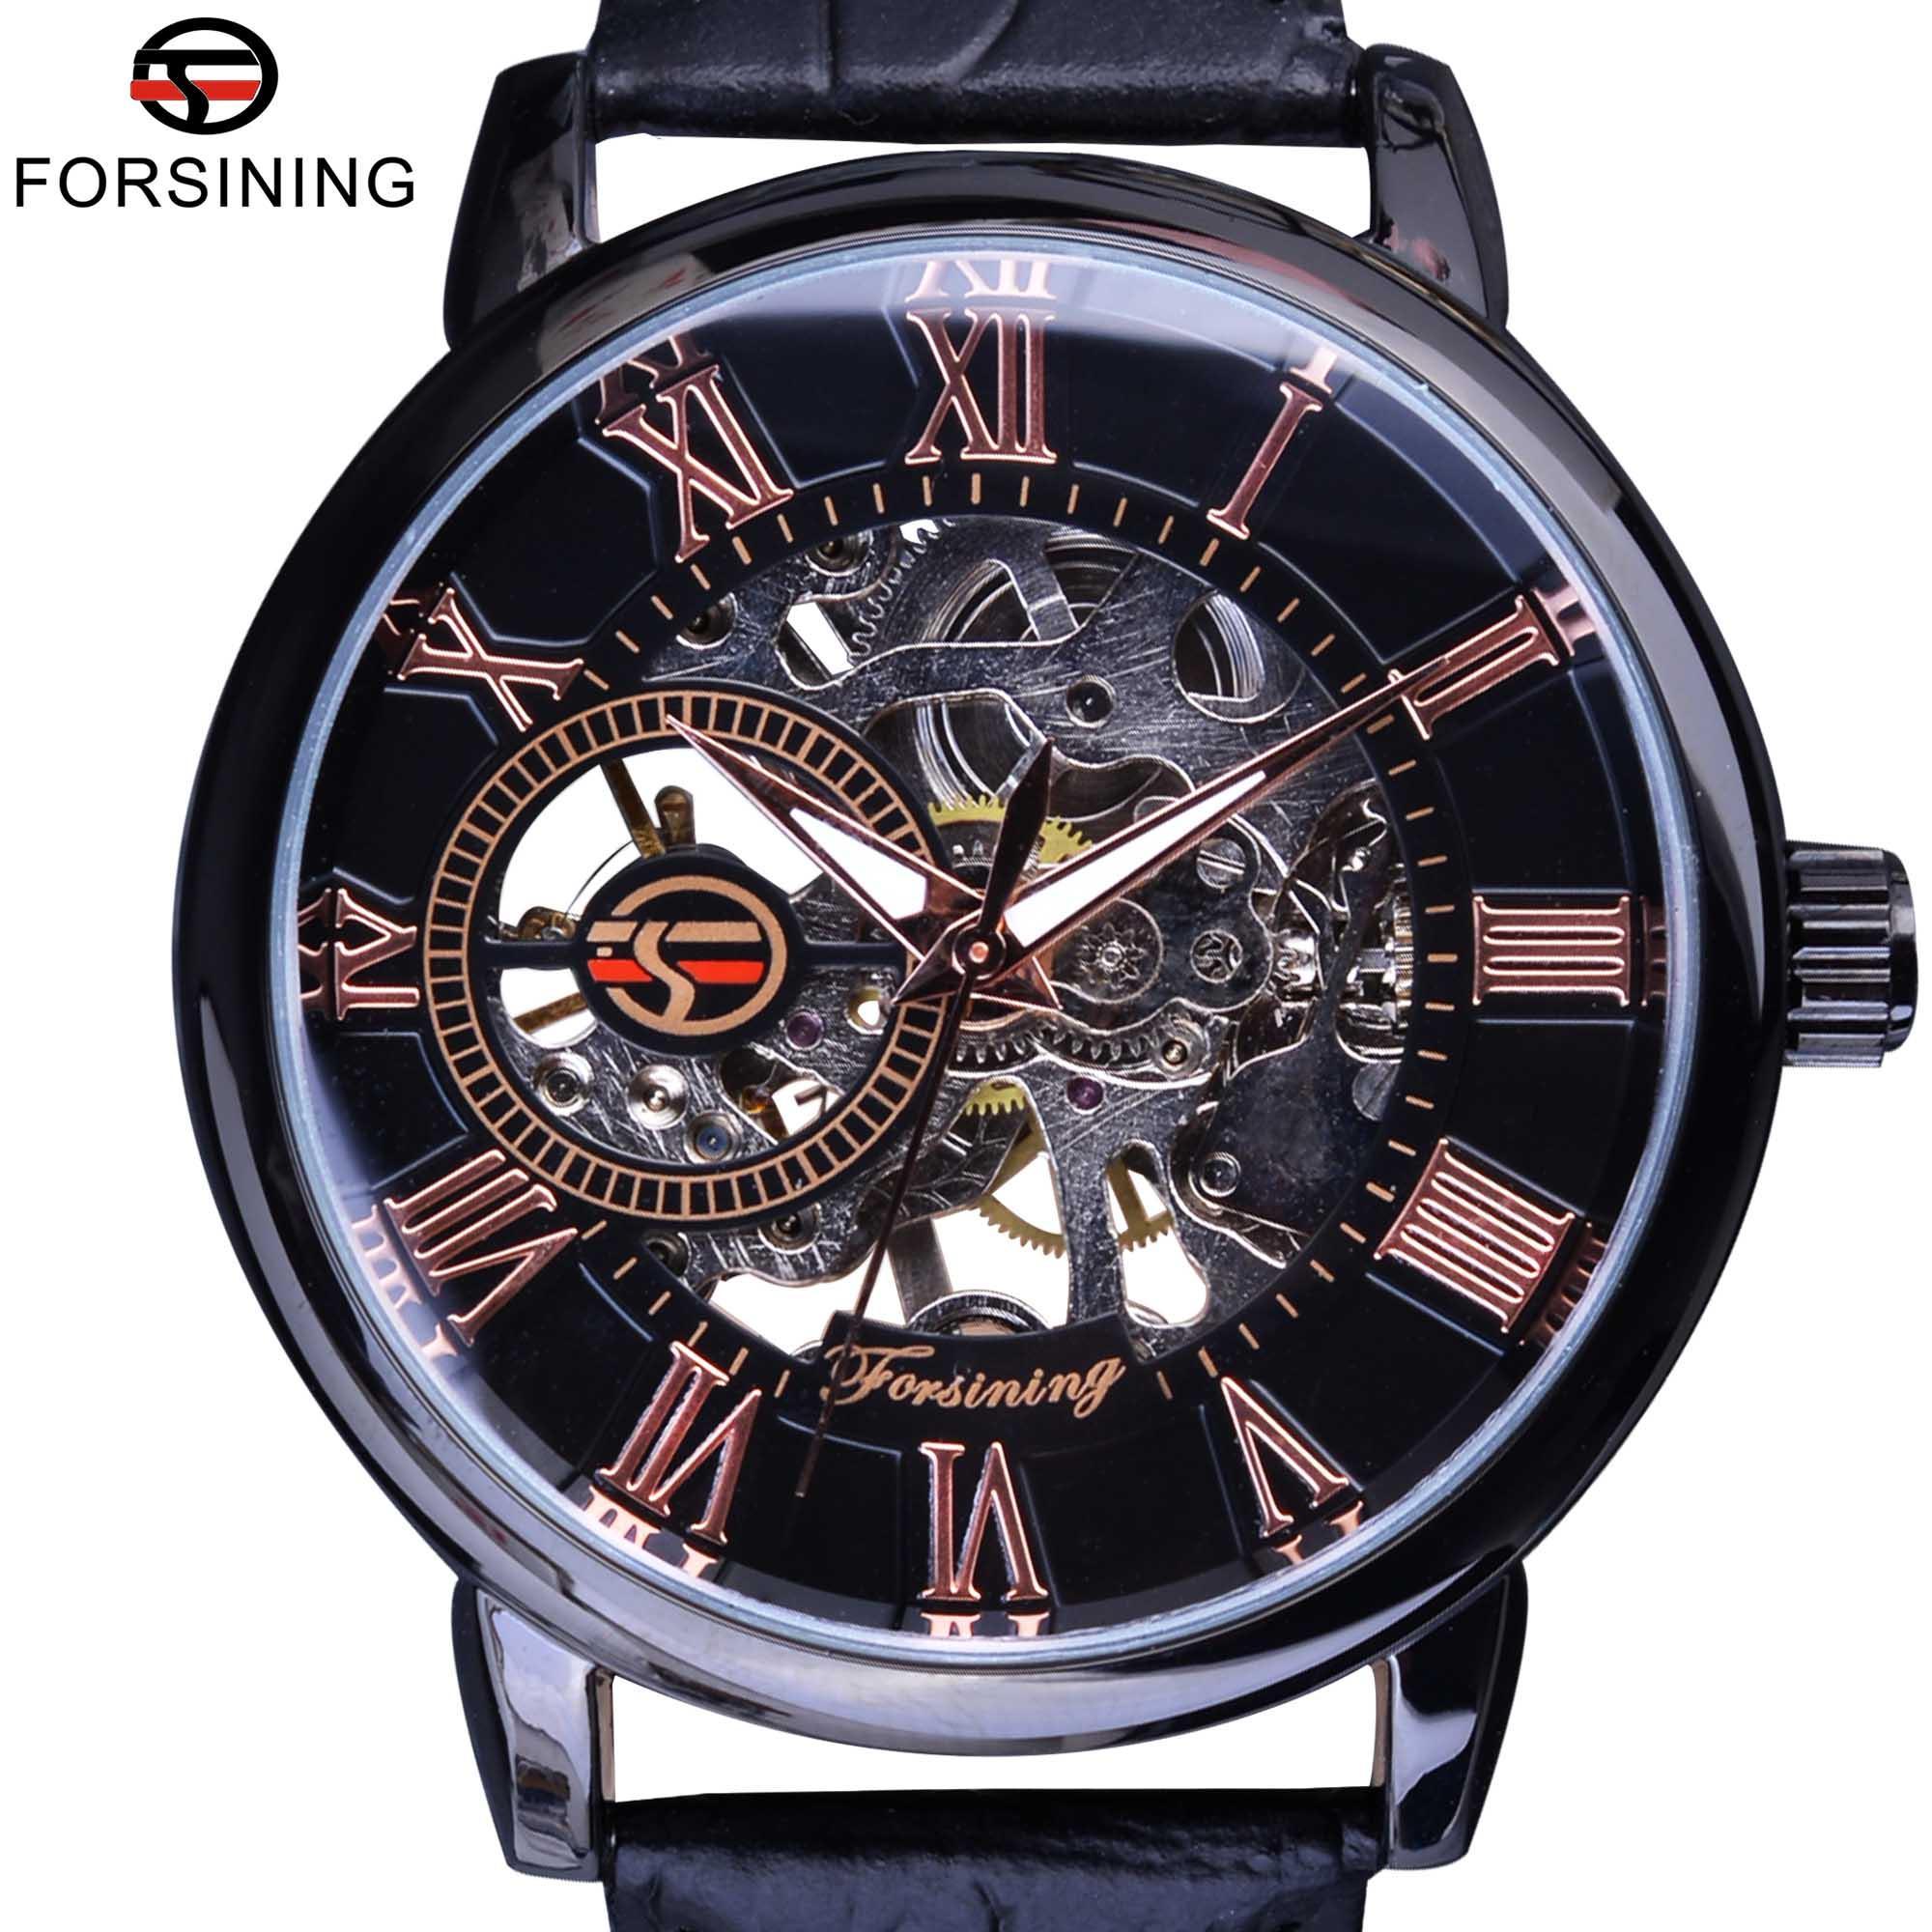 Exibição Forsining moldura preta Red Roman oco Gravura Relógios Homens Top Marca de luxo Mecânica Skeleton relógio relógio de pulso